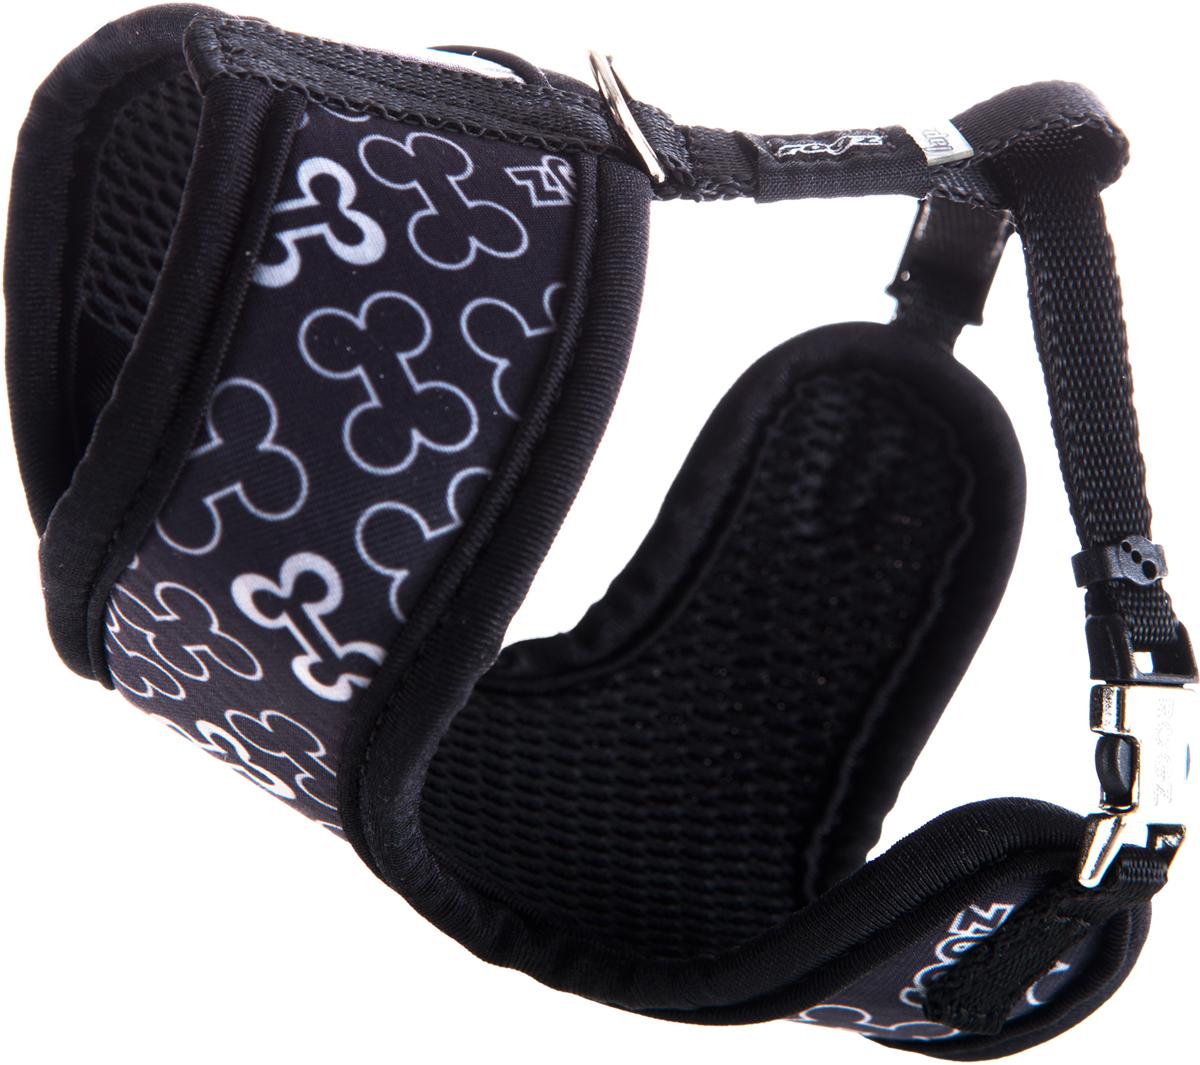 Шлейка-манишка для собак Rogz Trendy, цвет: черный. Размер XSWR520AШлейка-манишка для собак Rogz Trendy - мягкость для шеи, удобство и комфорт.Сохраняет шерстку в идеальном состоянии.Широкие элементы изделия позволят равномерно распределить нагрузку на шлейку при рывках, обеспечивая, тем самым, здоровье любимцу и целостность изделию.Шлейка полностью отражает свет.